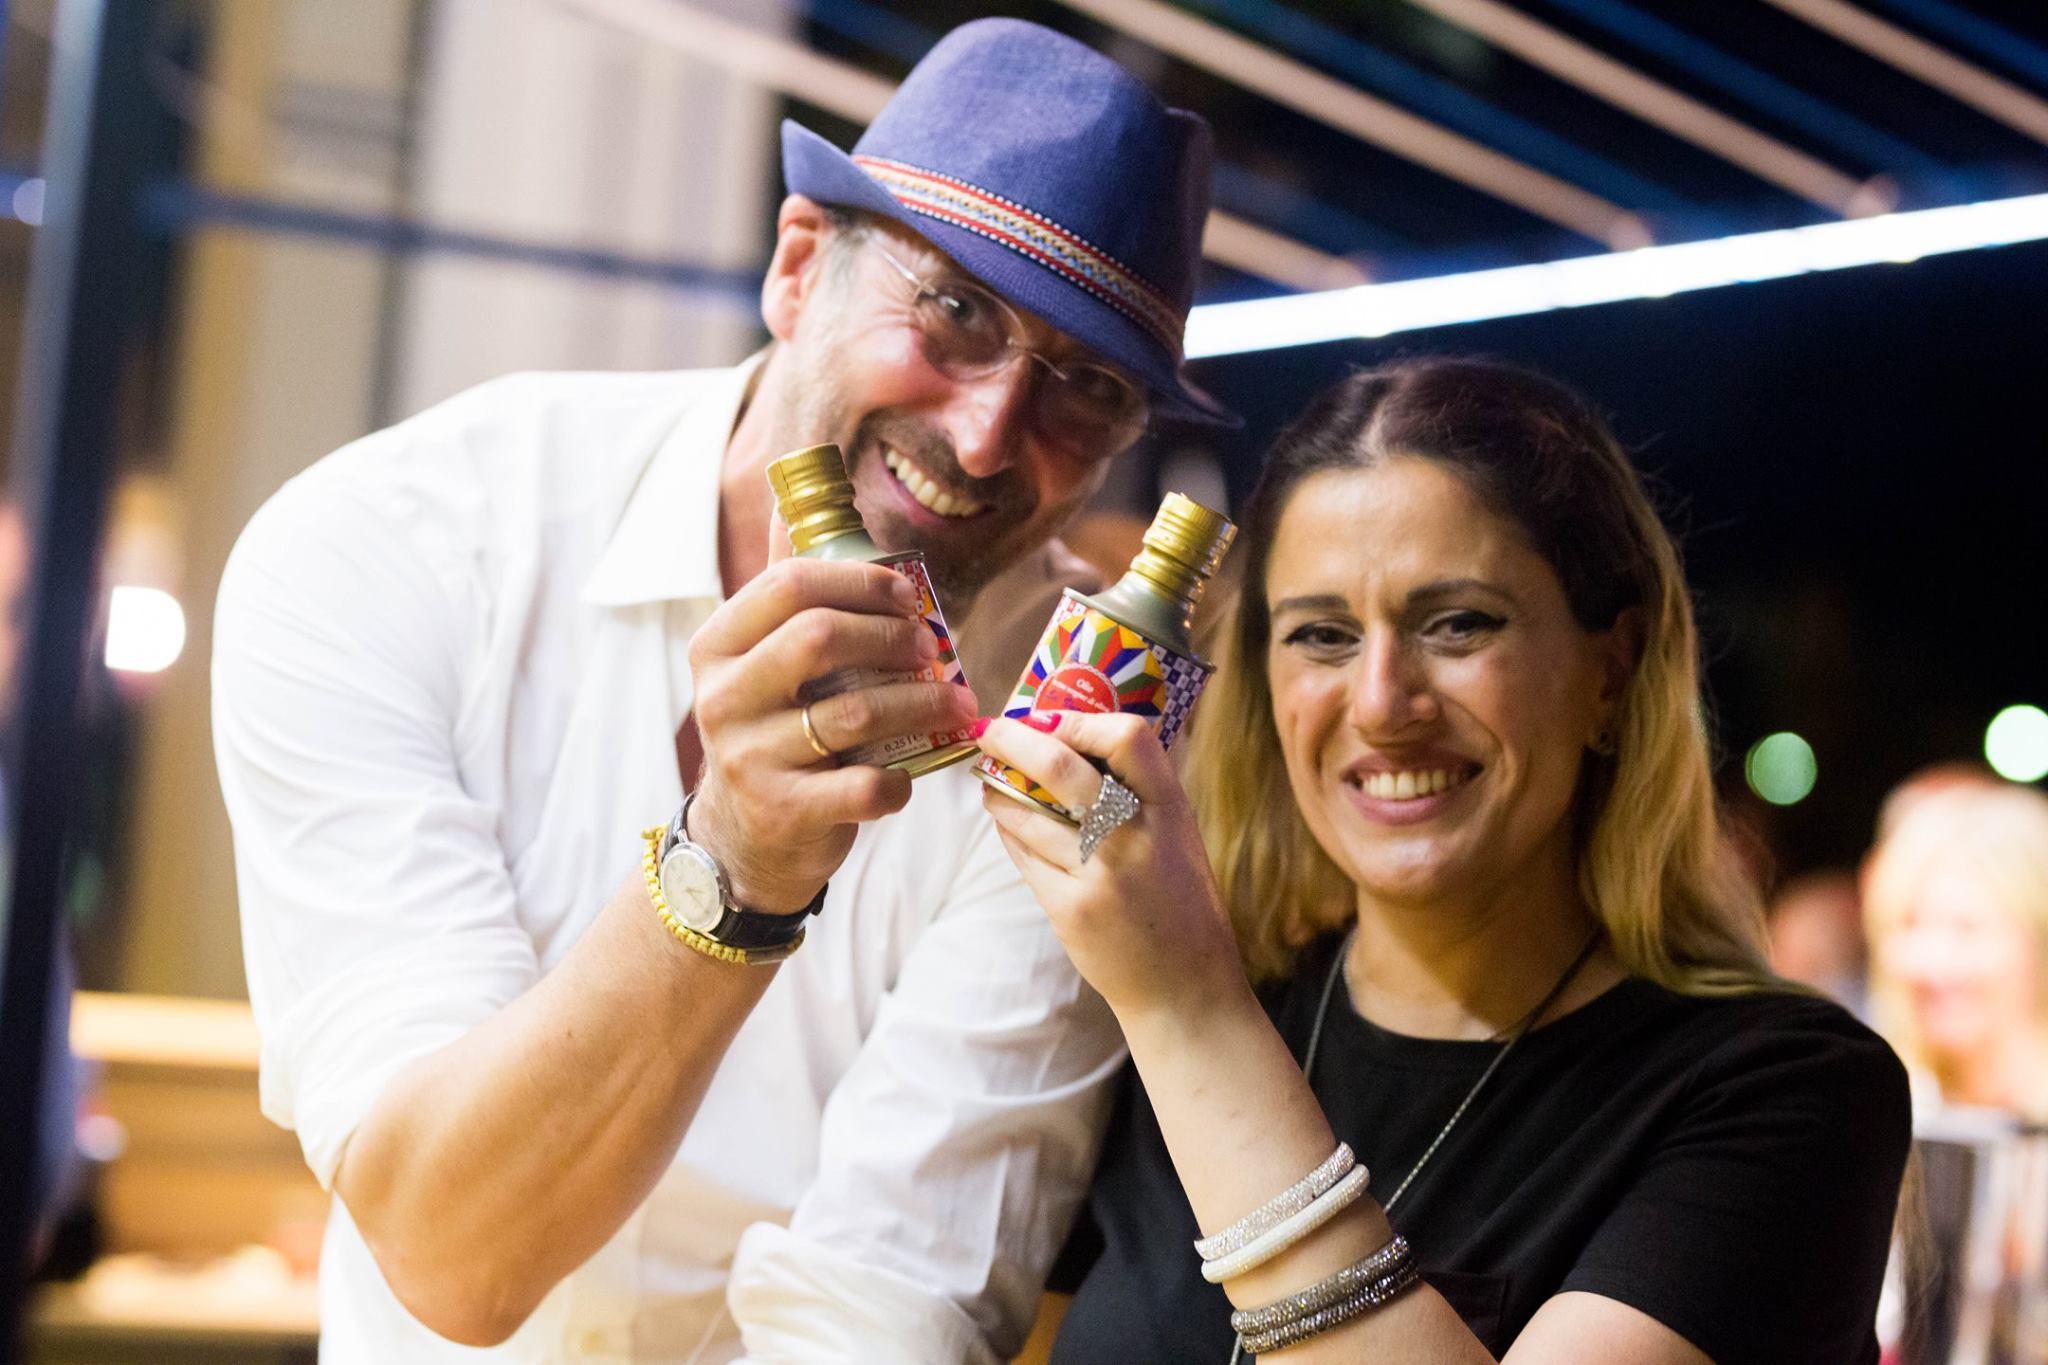 Antonio Di Dio e Raffaella De Rito con gli oli tipi de La Vucciria